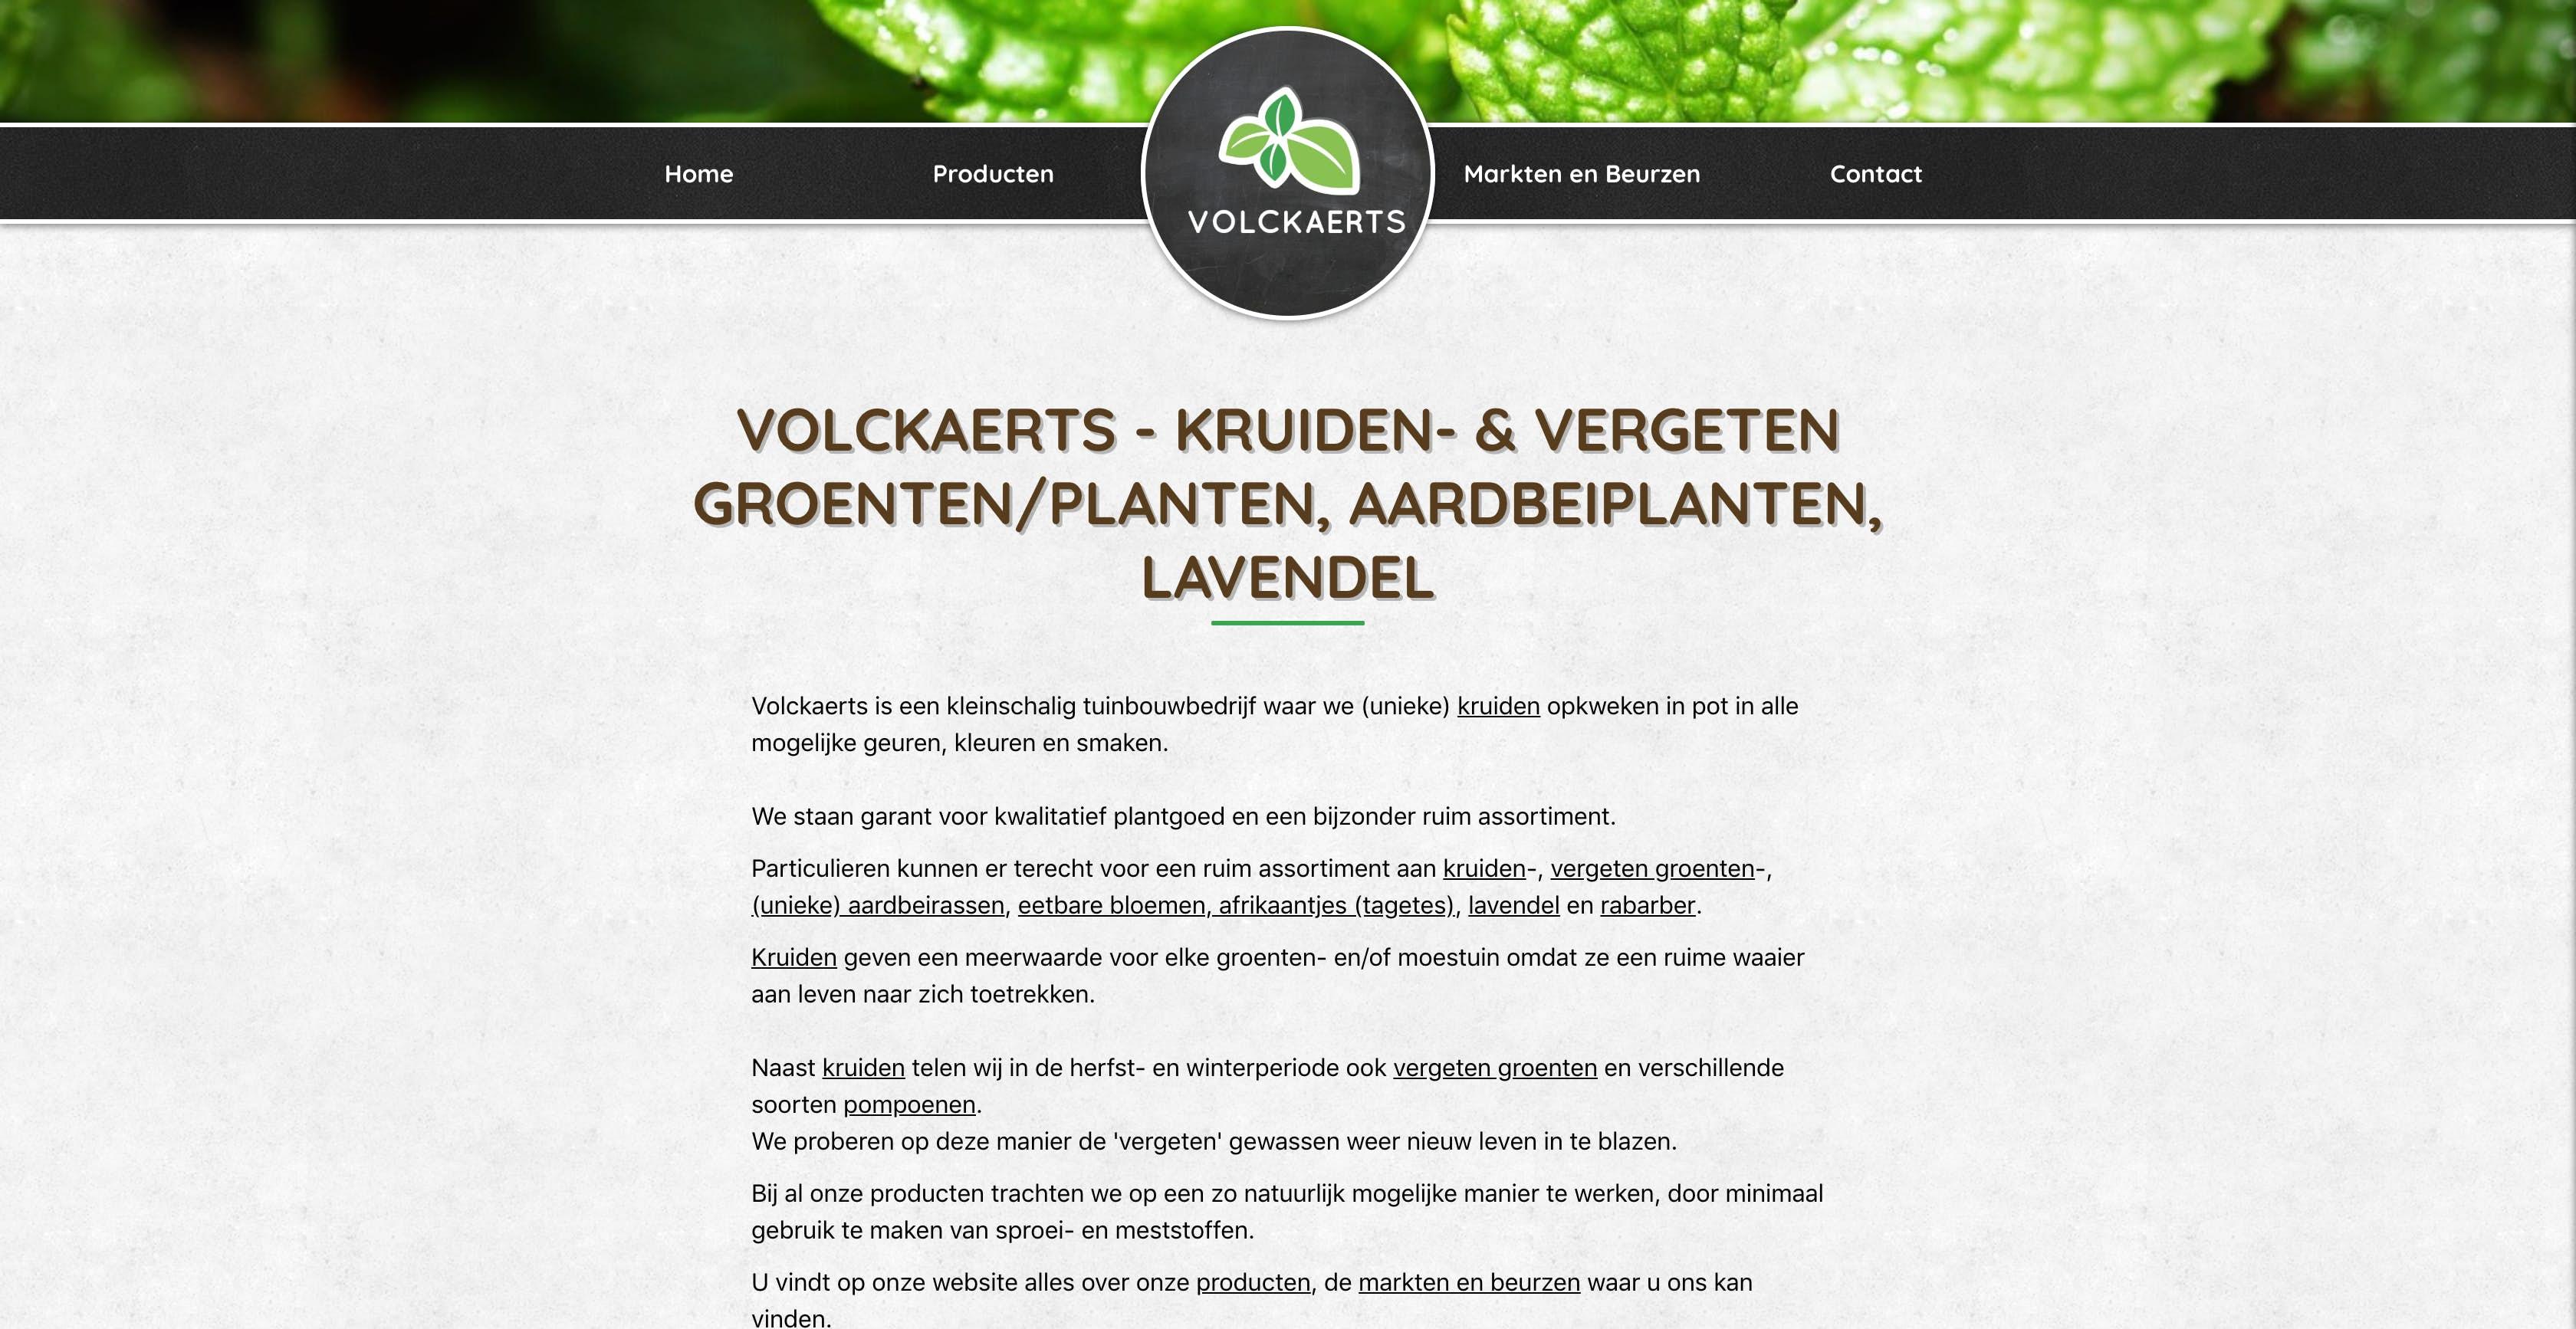 https://www.volckaerts.net